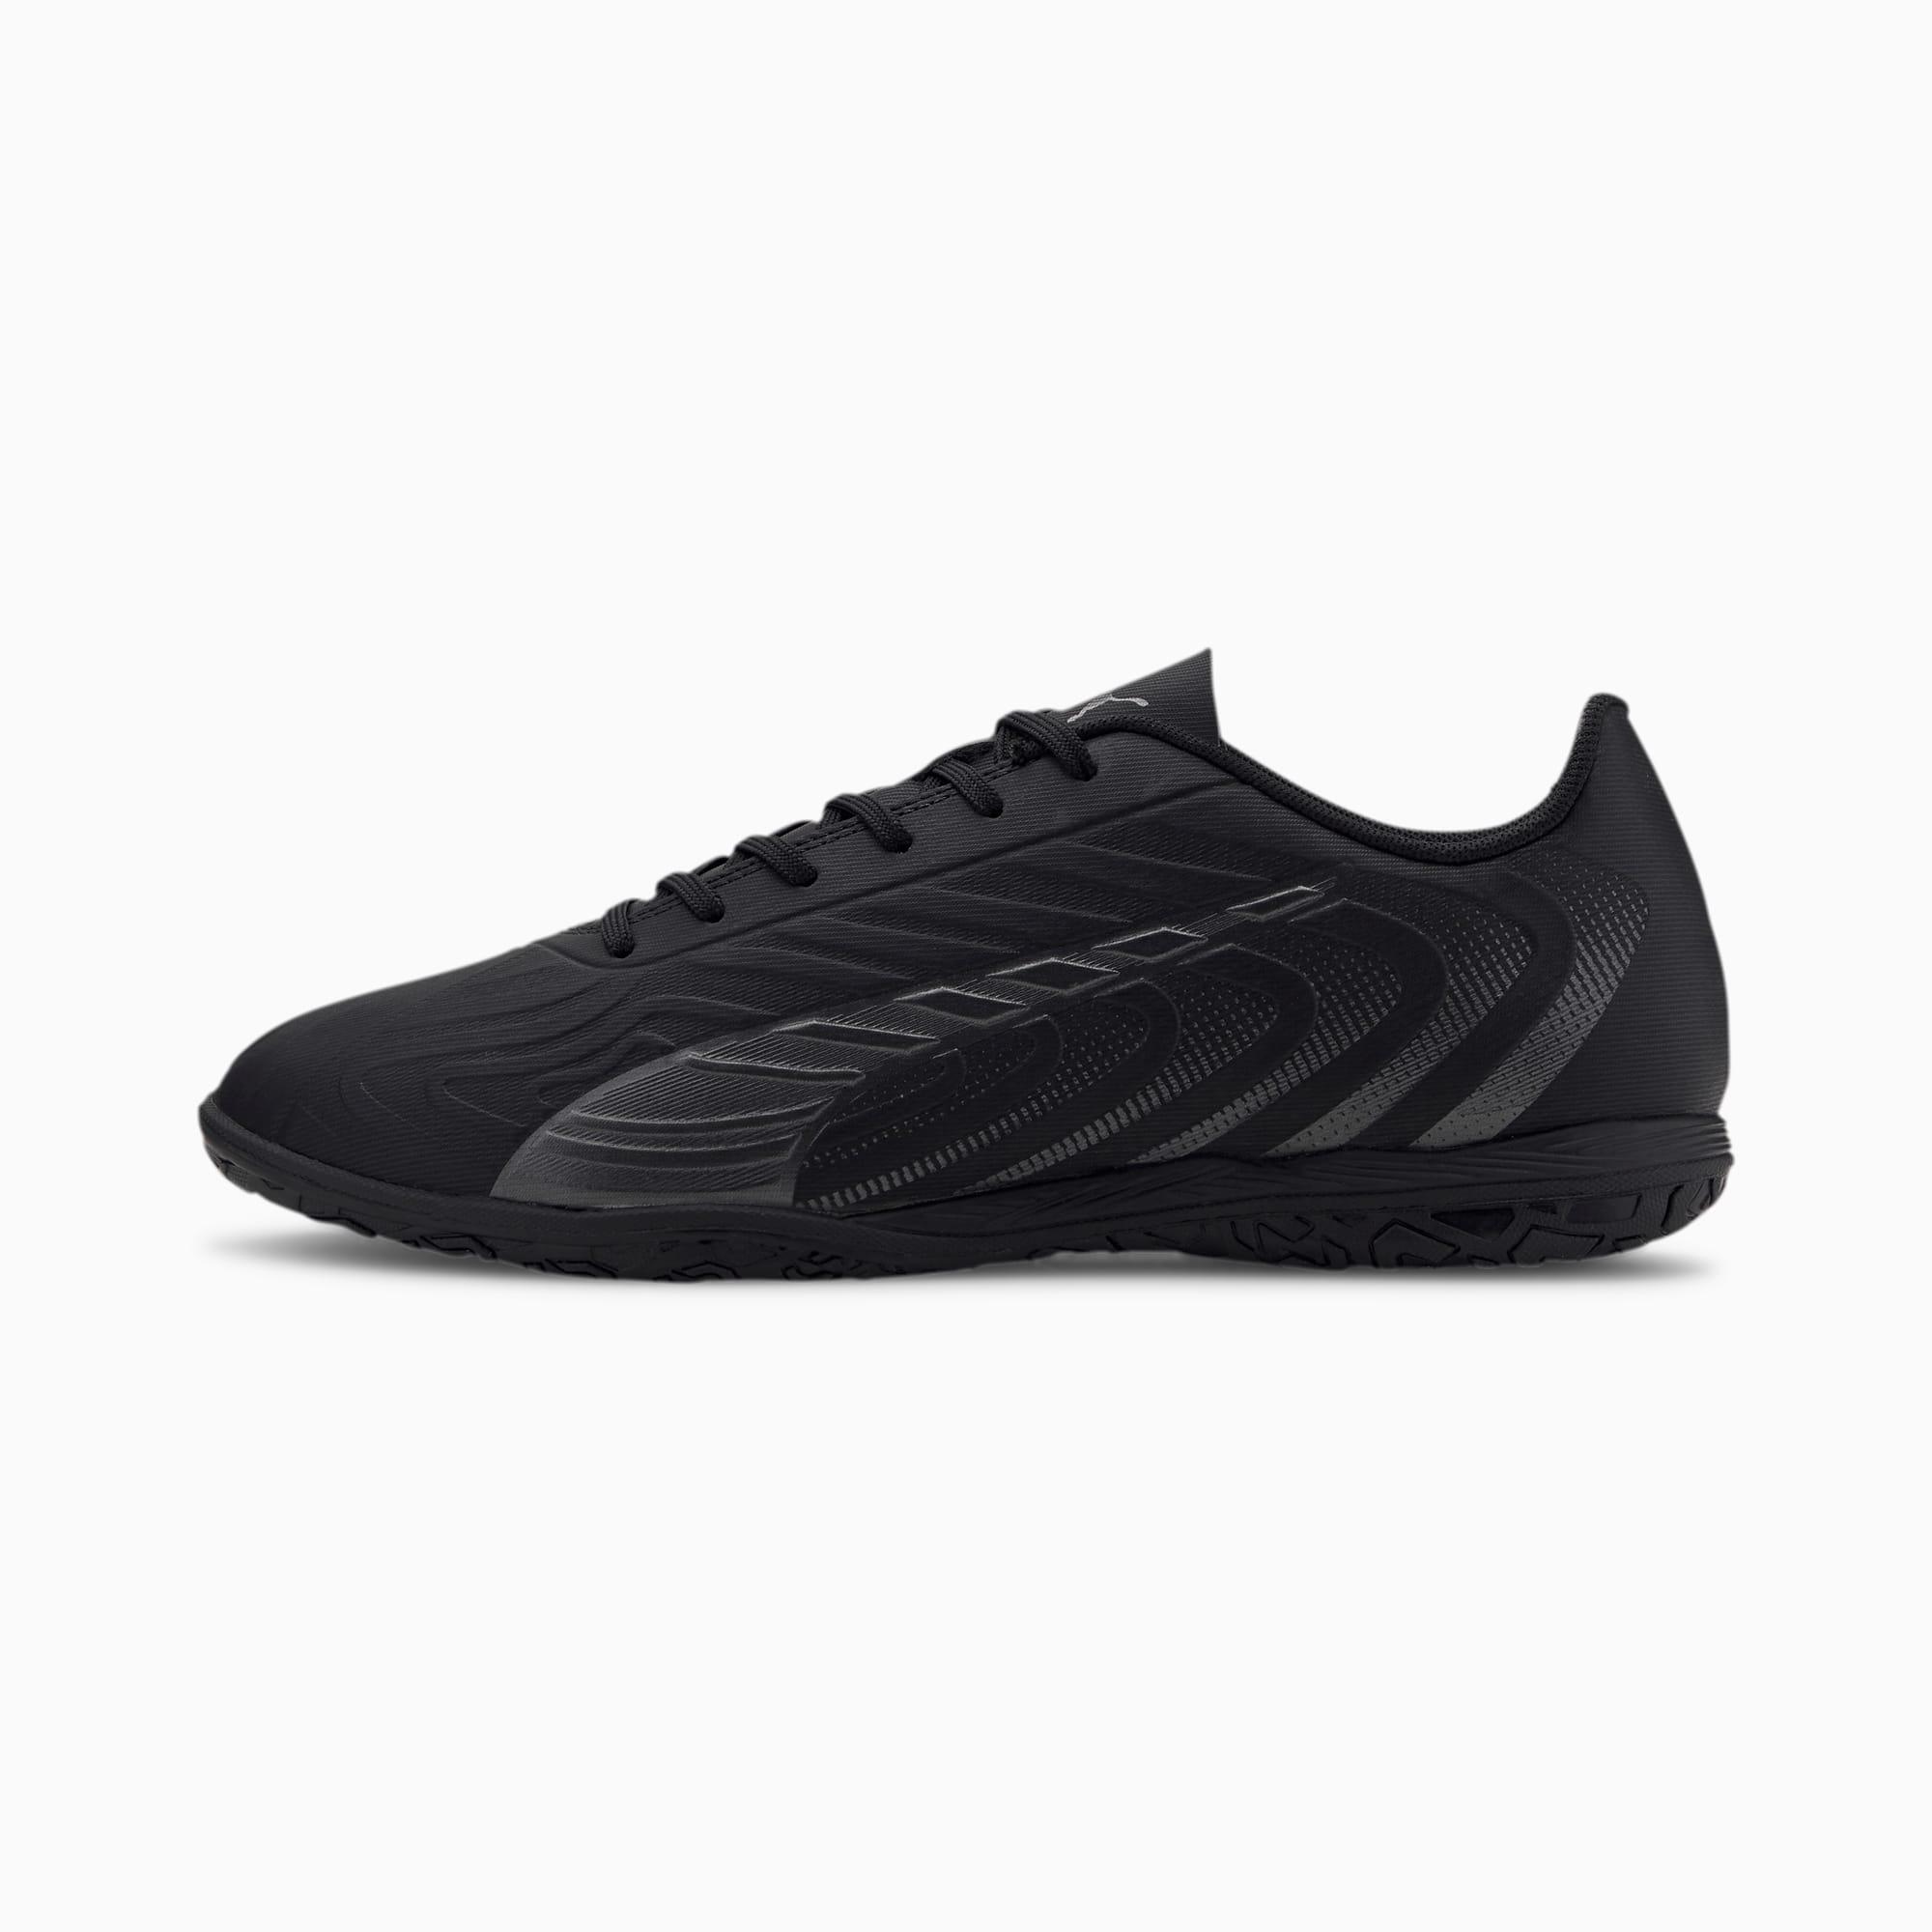 Chaussure de foot PUMA ONE 20.4 IT pour homme